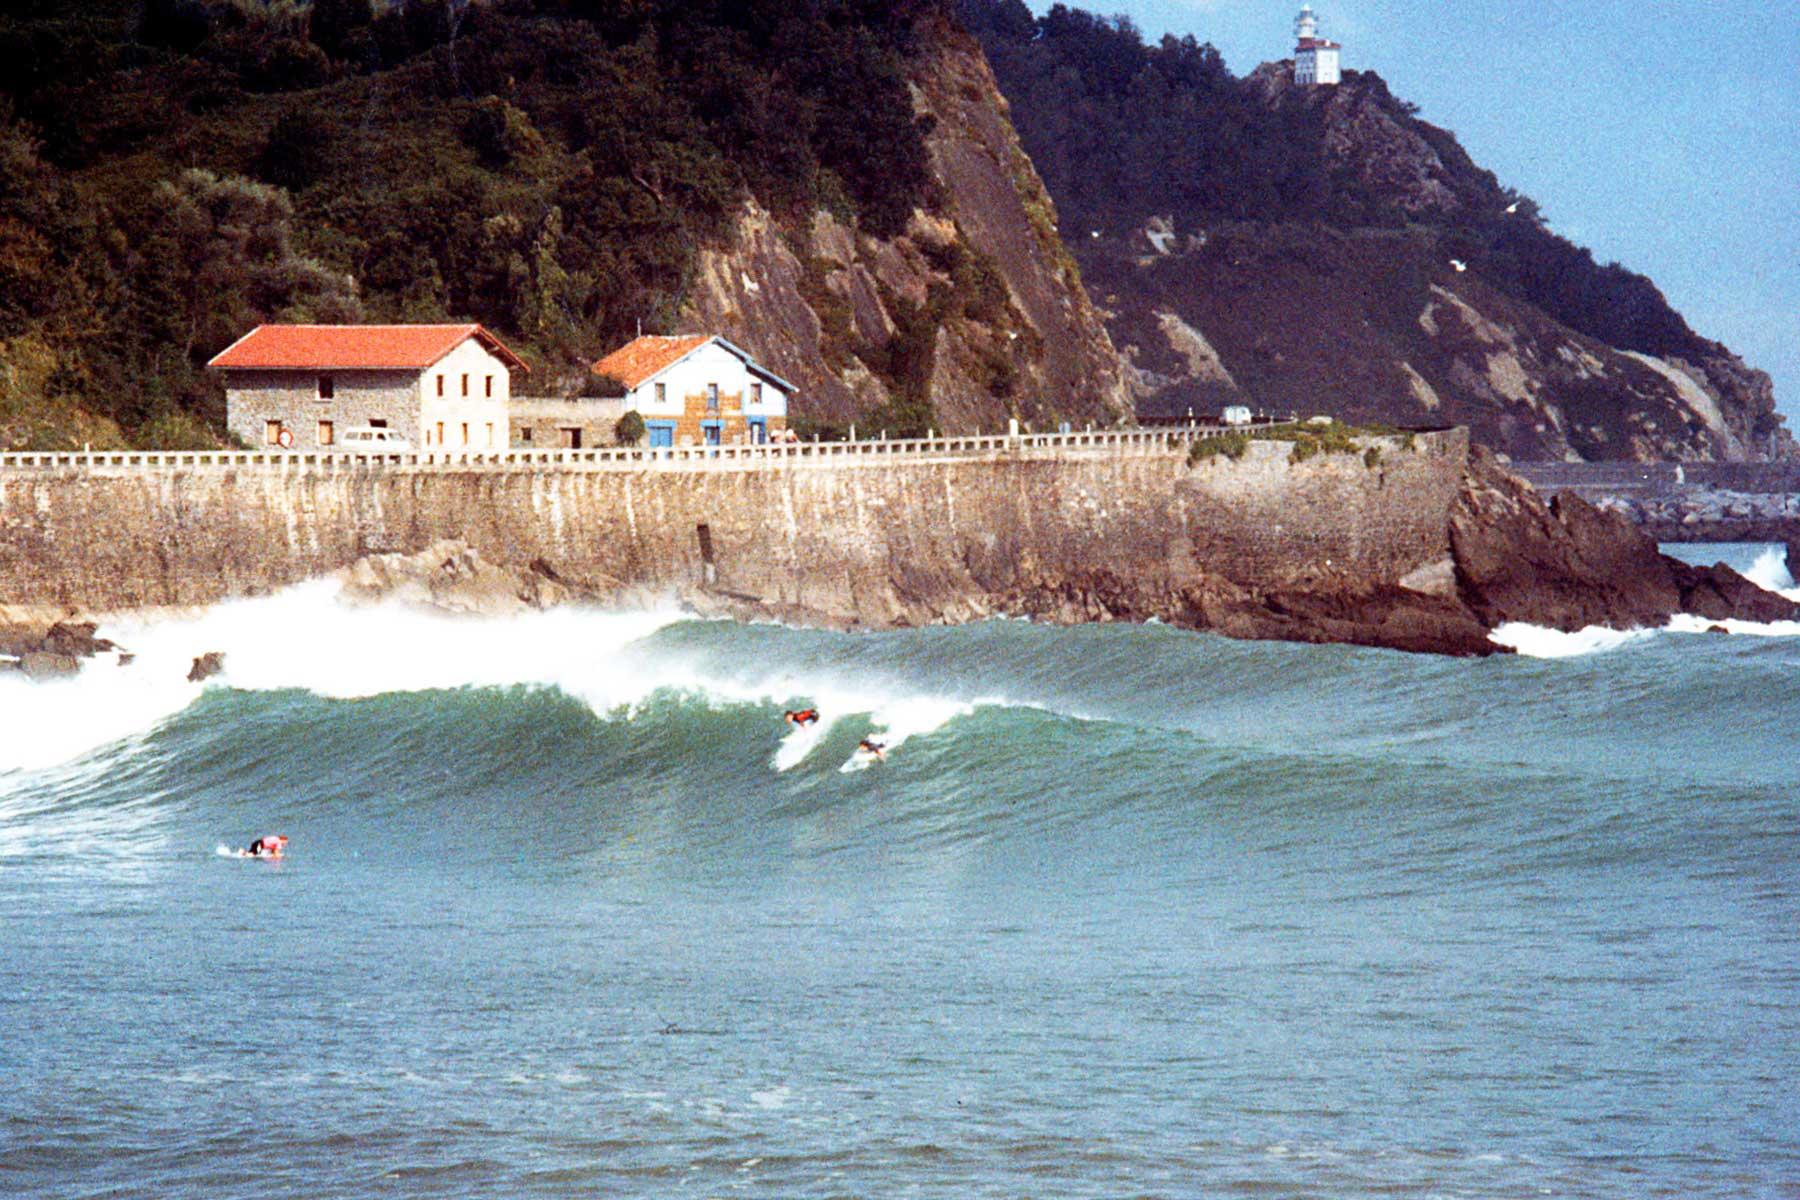 Surfing Spain | Ubiri point break | Karramarro (Crab) Basque | Steven Andrew Martin | Bay of Biscay